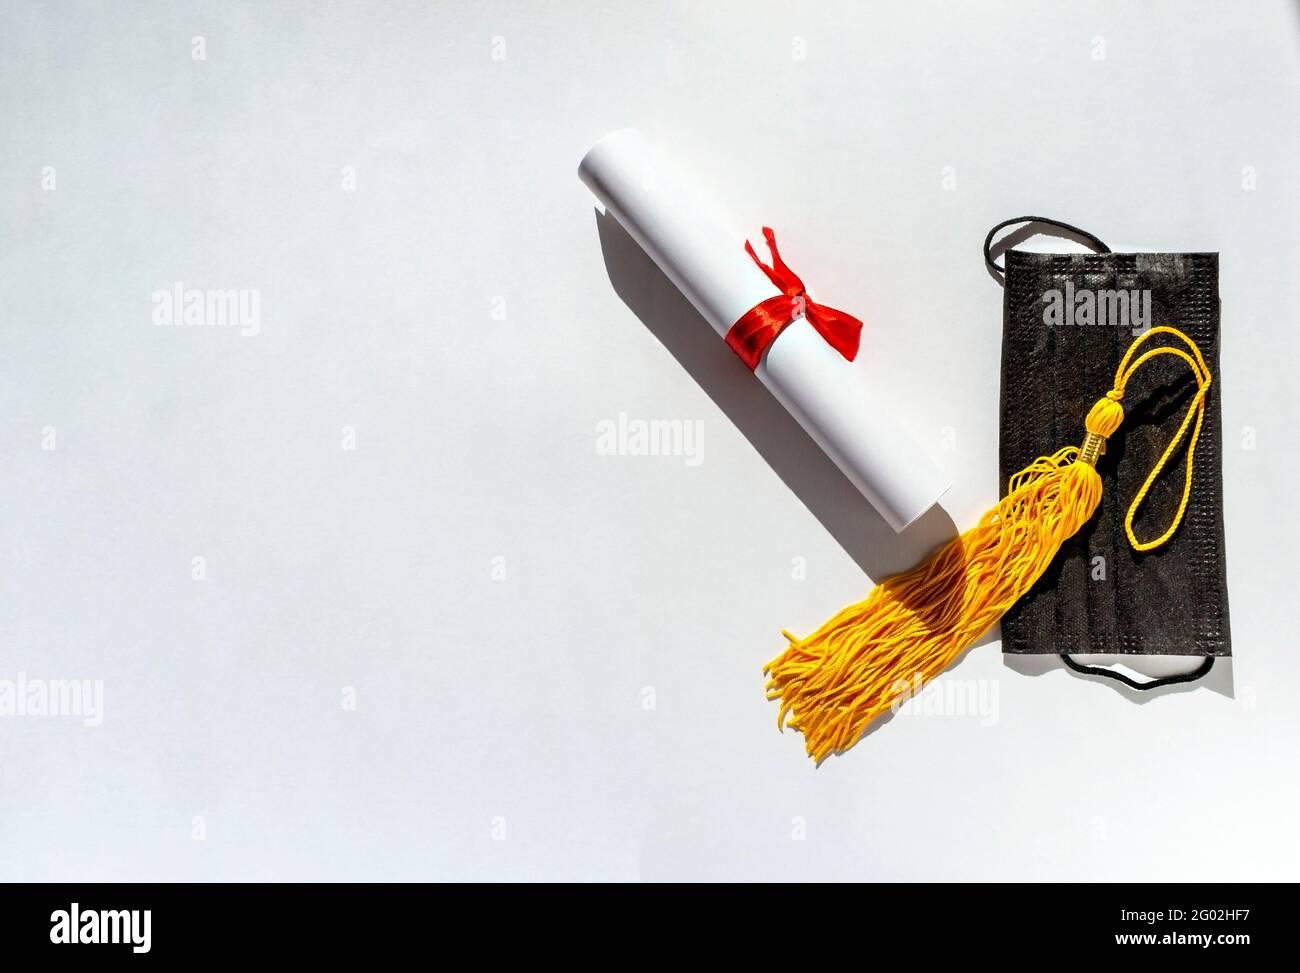 Borla amarilla de la tapa de graduación, papel de rollo atado con cinta roja con lazo, diploma y máscara de protección de la cara negra sobre fondo blanco, nueva realidad Foto de stock